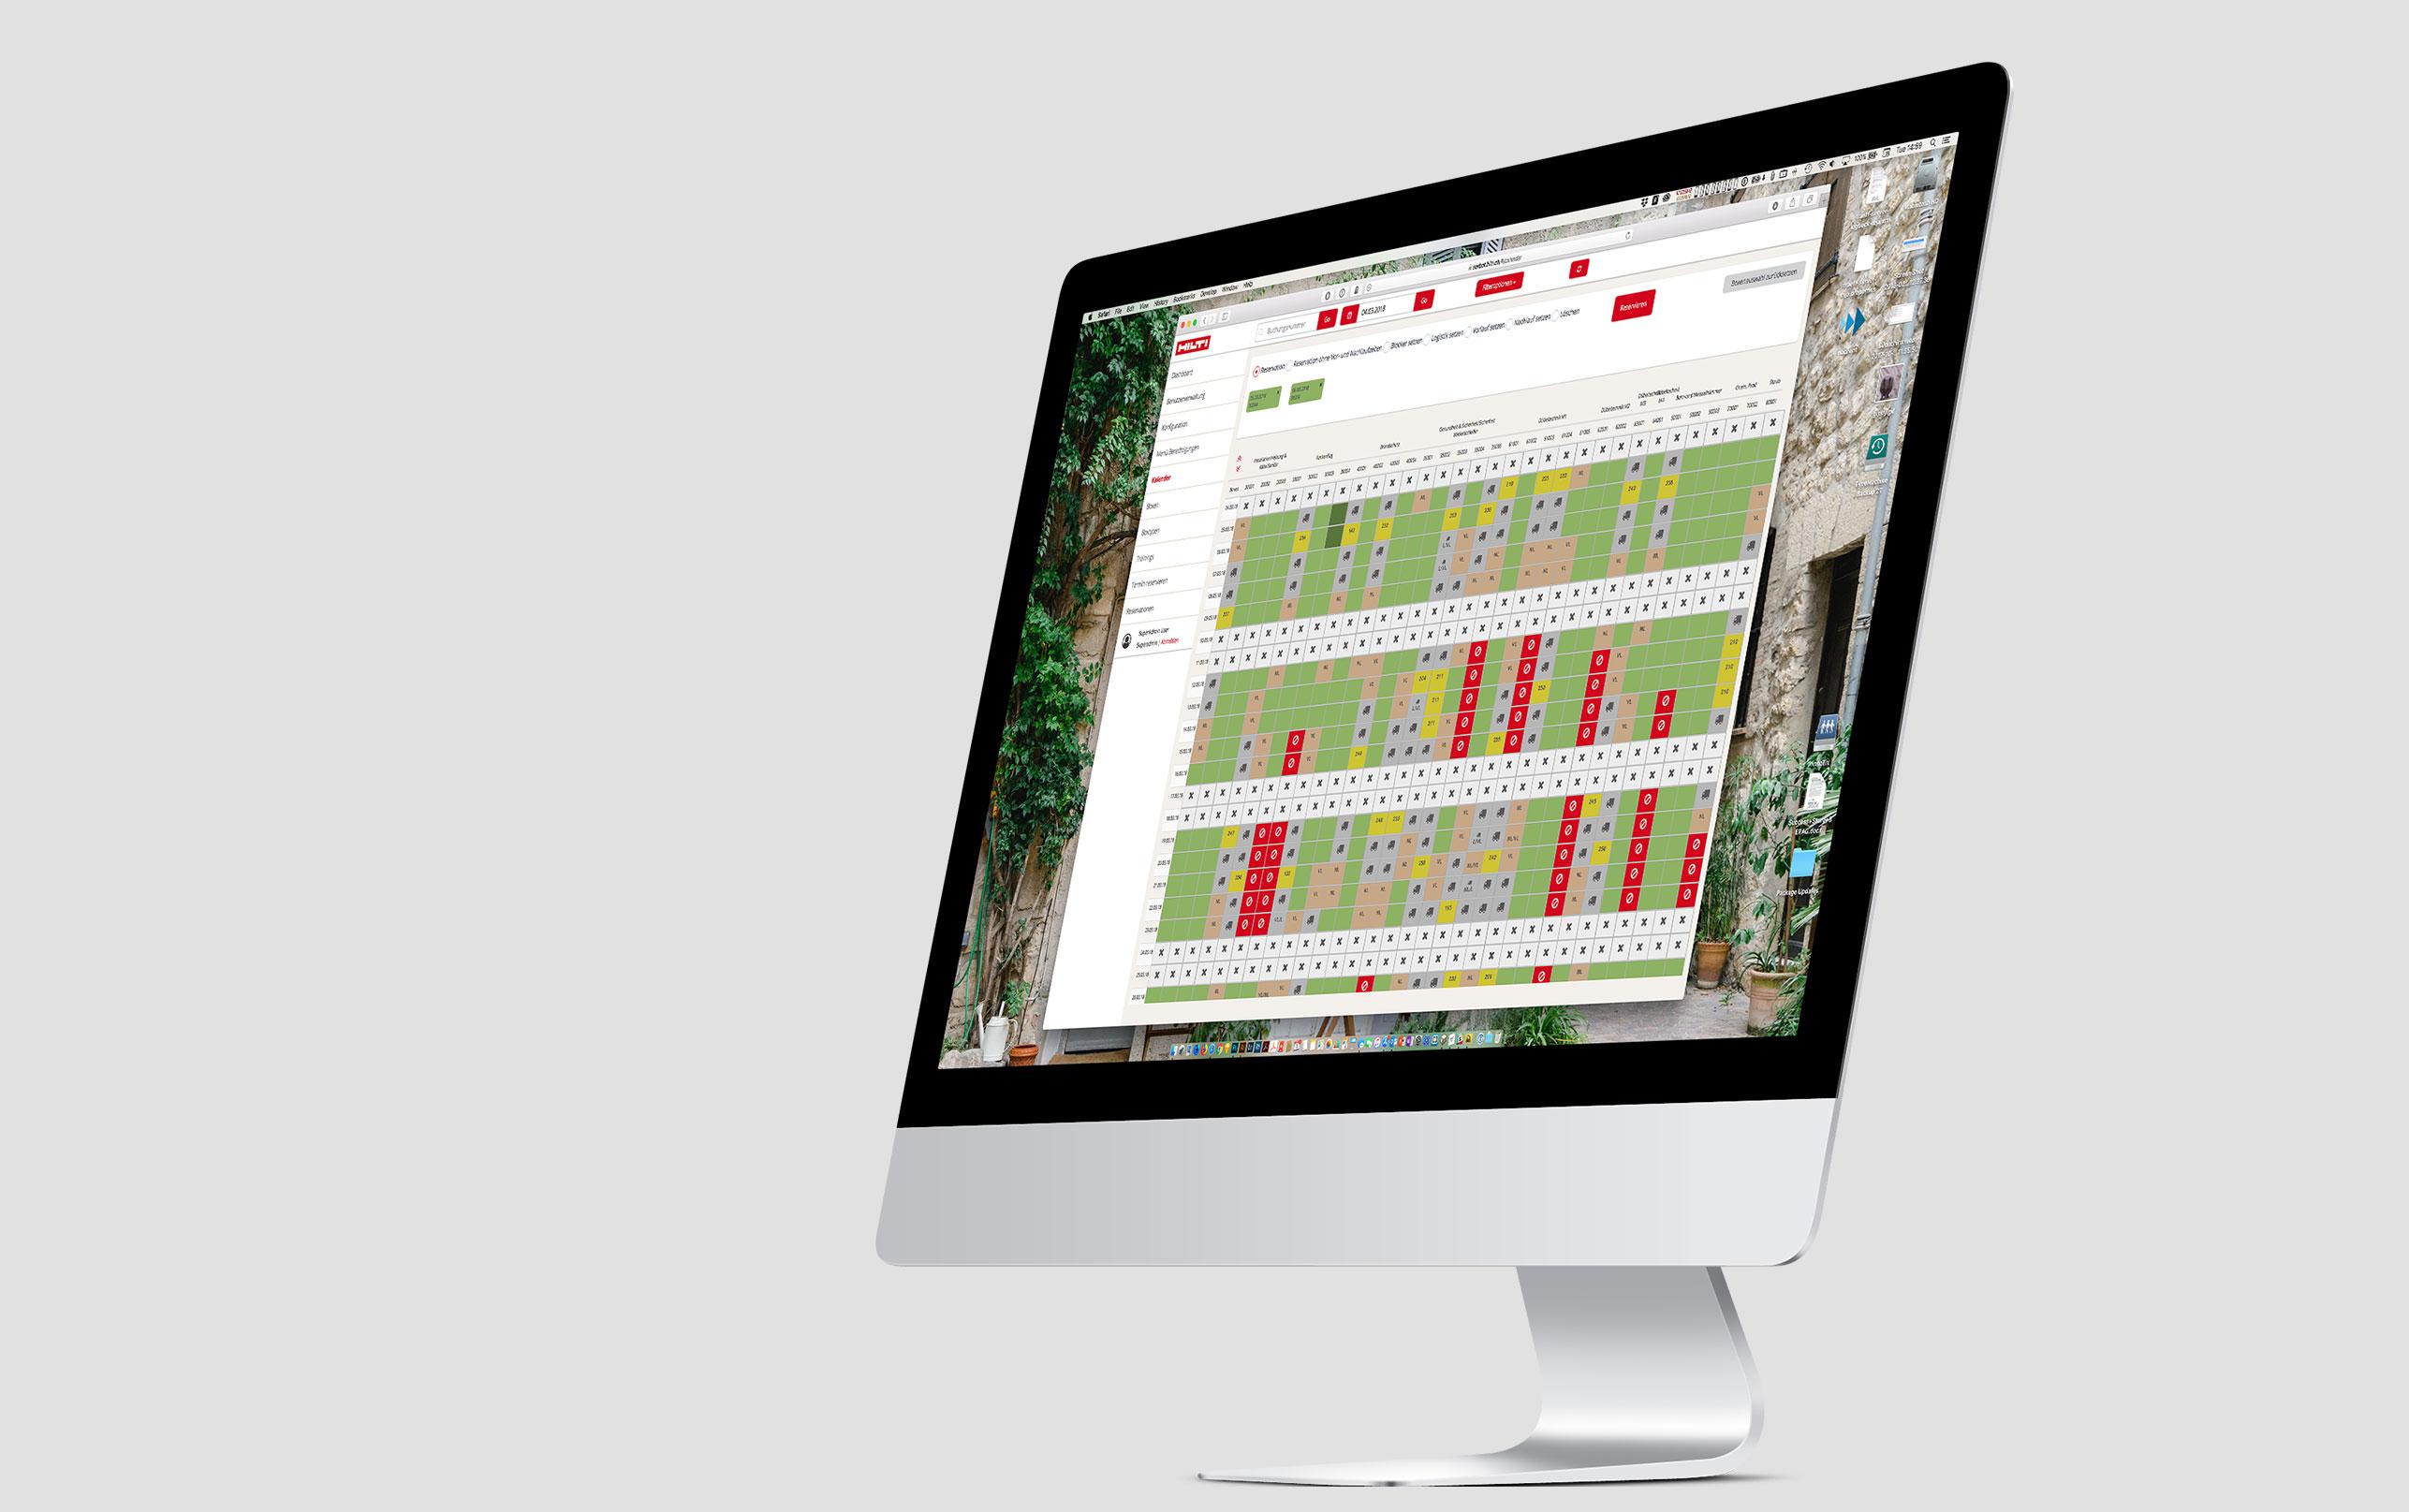 Portallösung zur mobilen Reservierung mit Kalenderübersicht